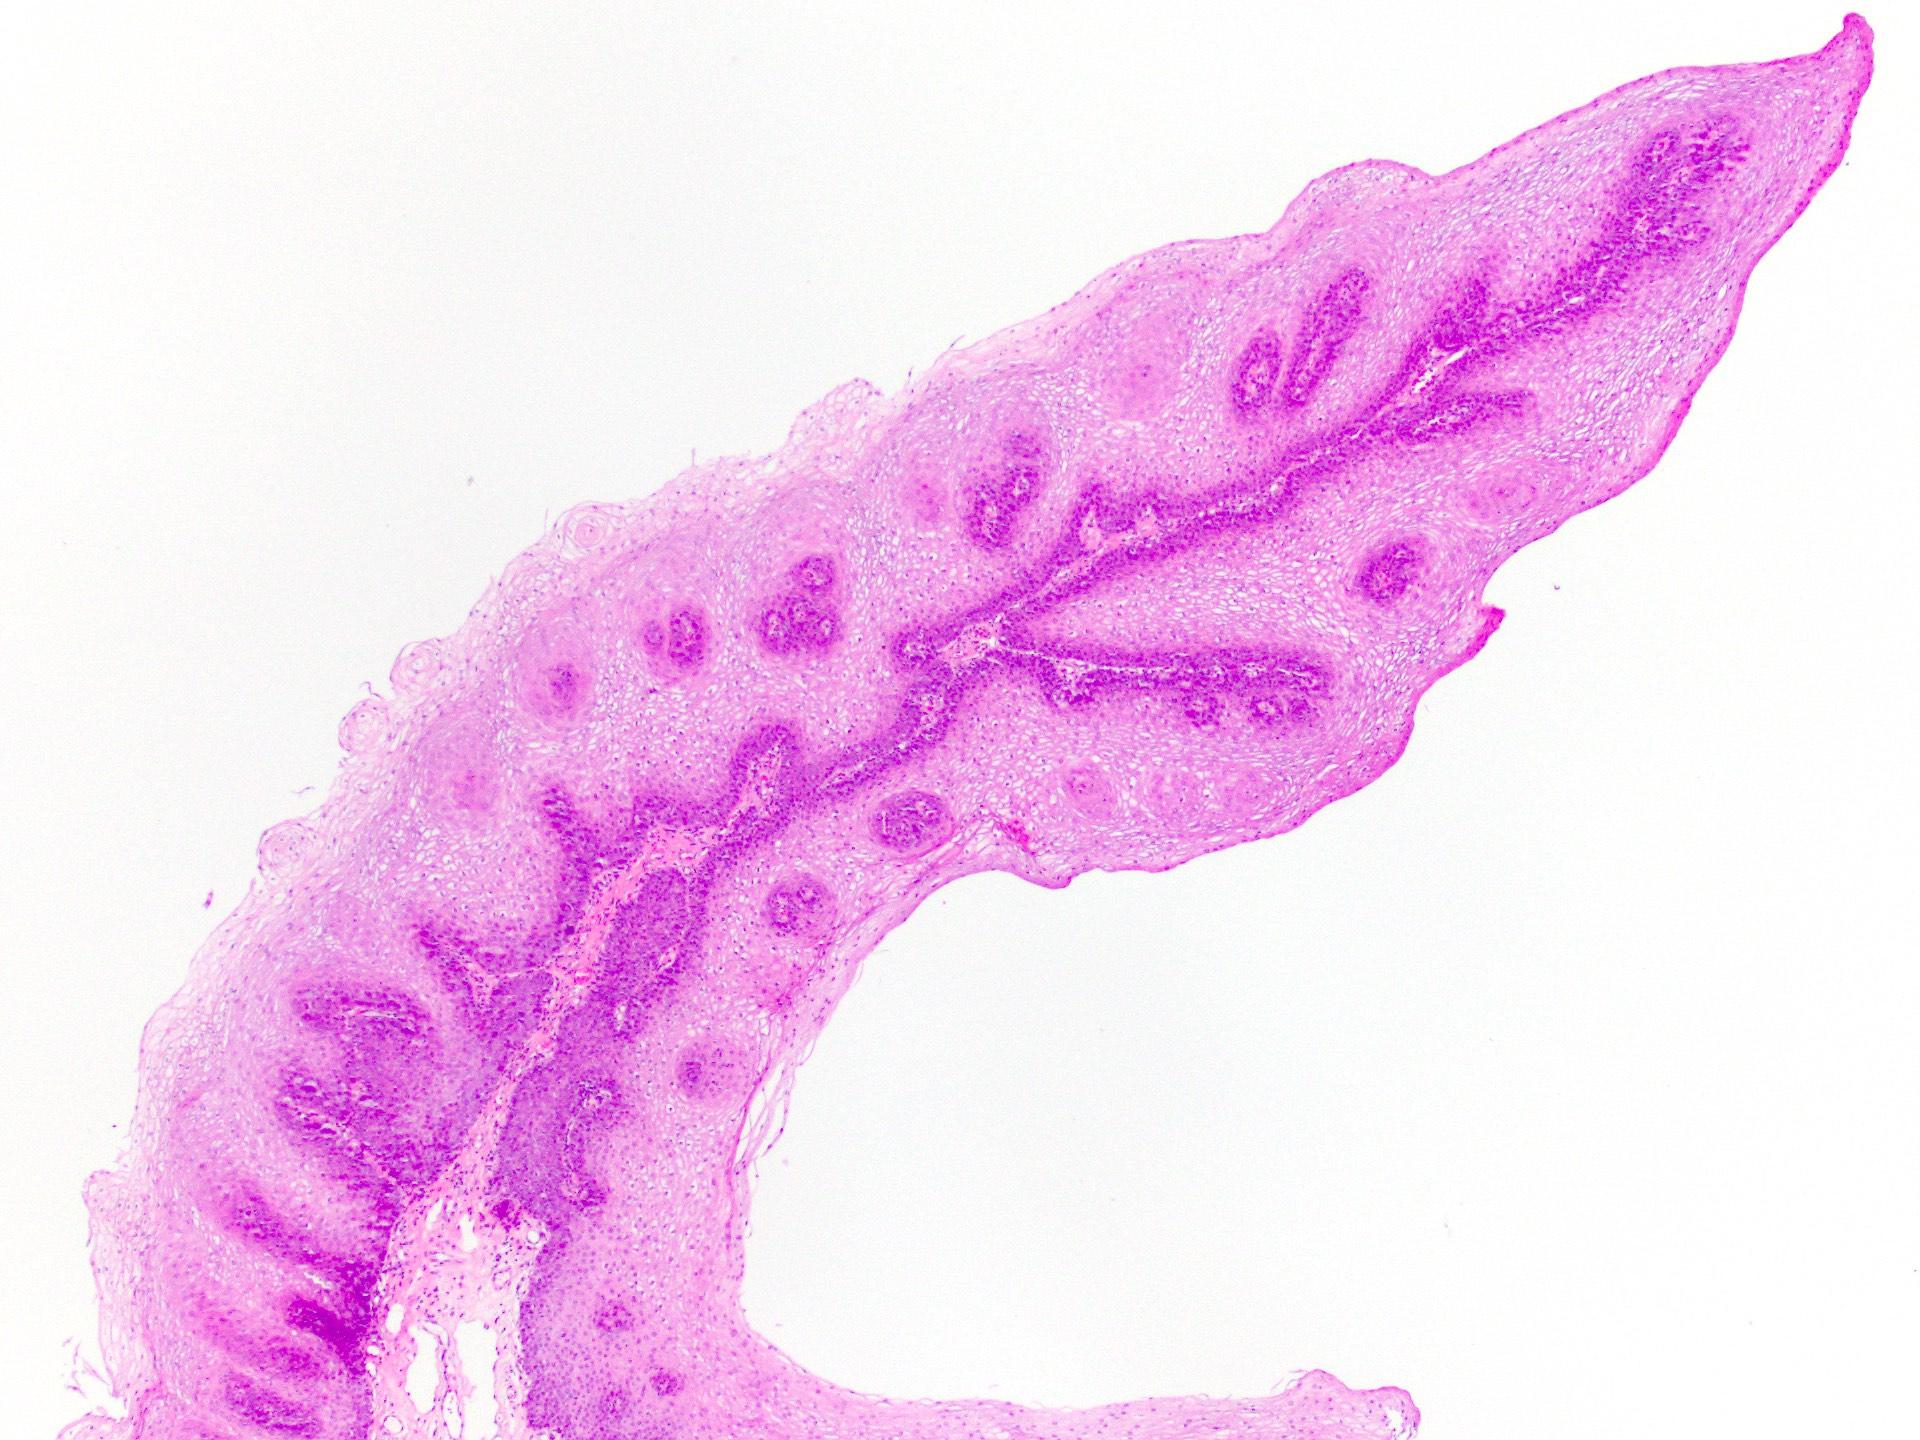 fordított sinonazális papilloma patológia a hpv okoz-e nyelőcsőrákot